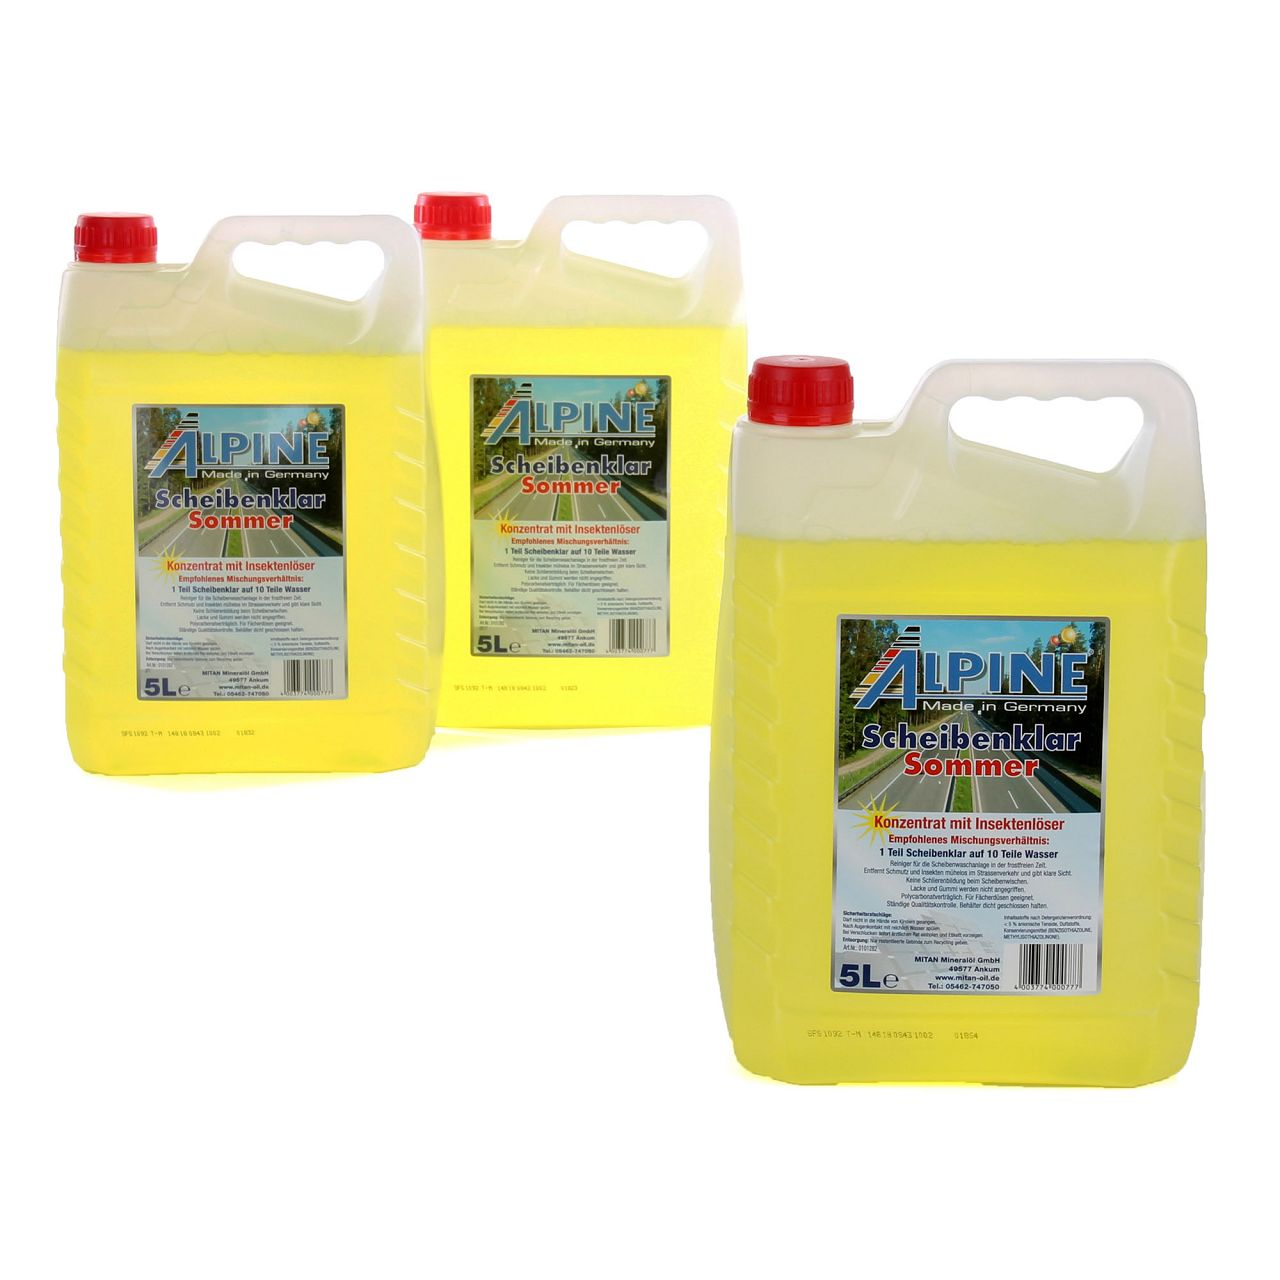 ALPINE Scheibenklar Sommer 1:10 Konzentrat Insektenlöser Citrusduft - 15 Liter